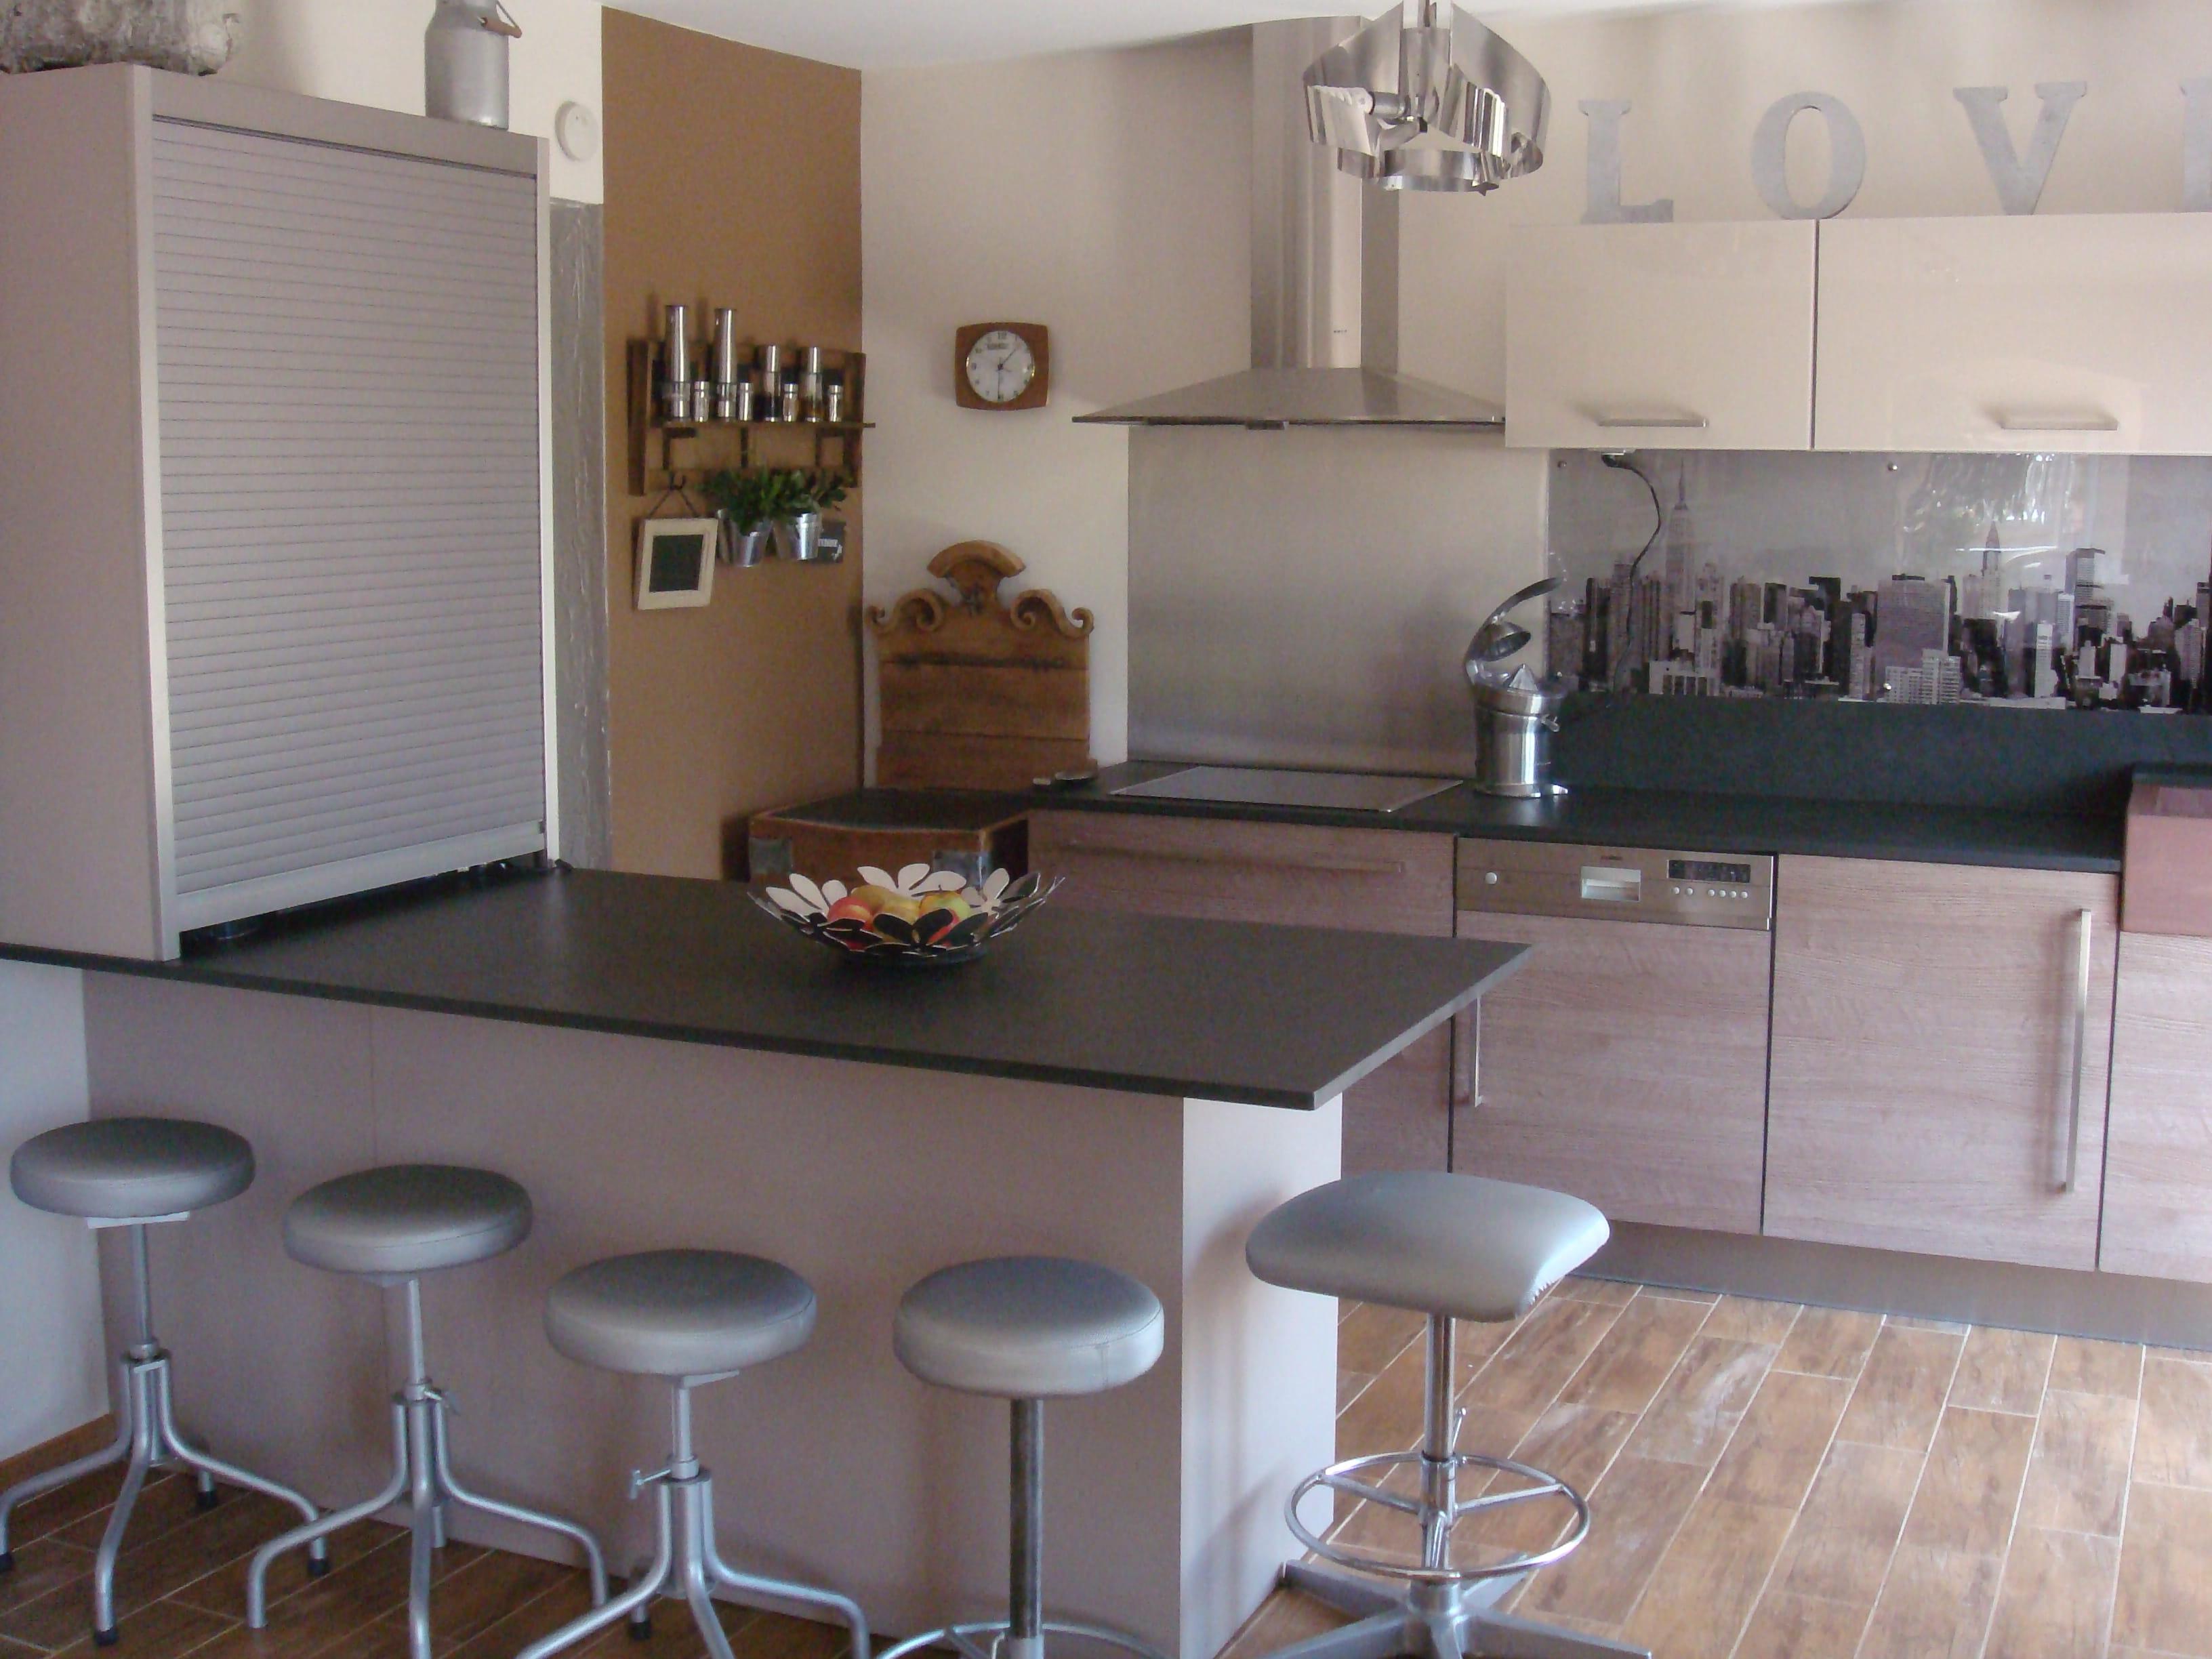 moderne avec une touche de brocante les plus belles cuisines de lectrices journal des femmes. Black Bedroom Furniture Sets. Home Design Ideas